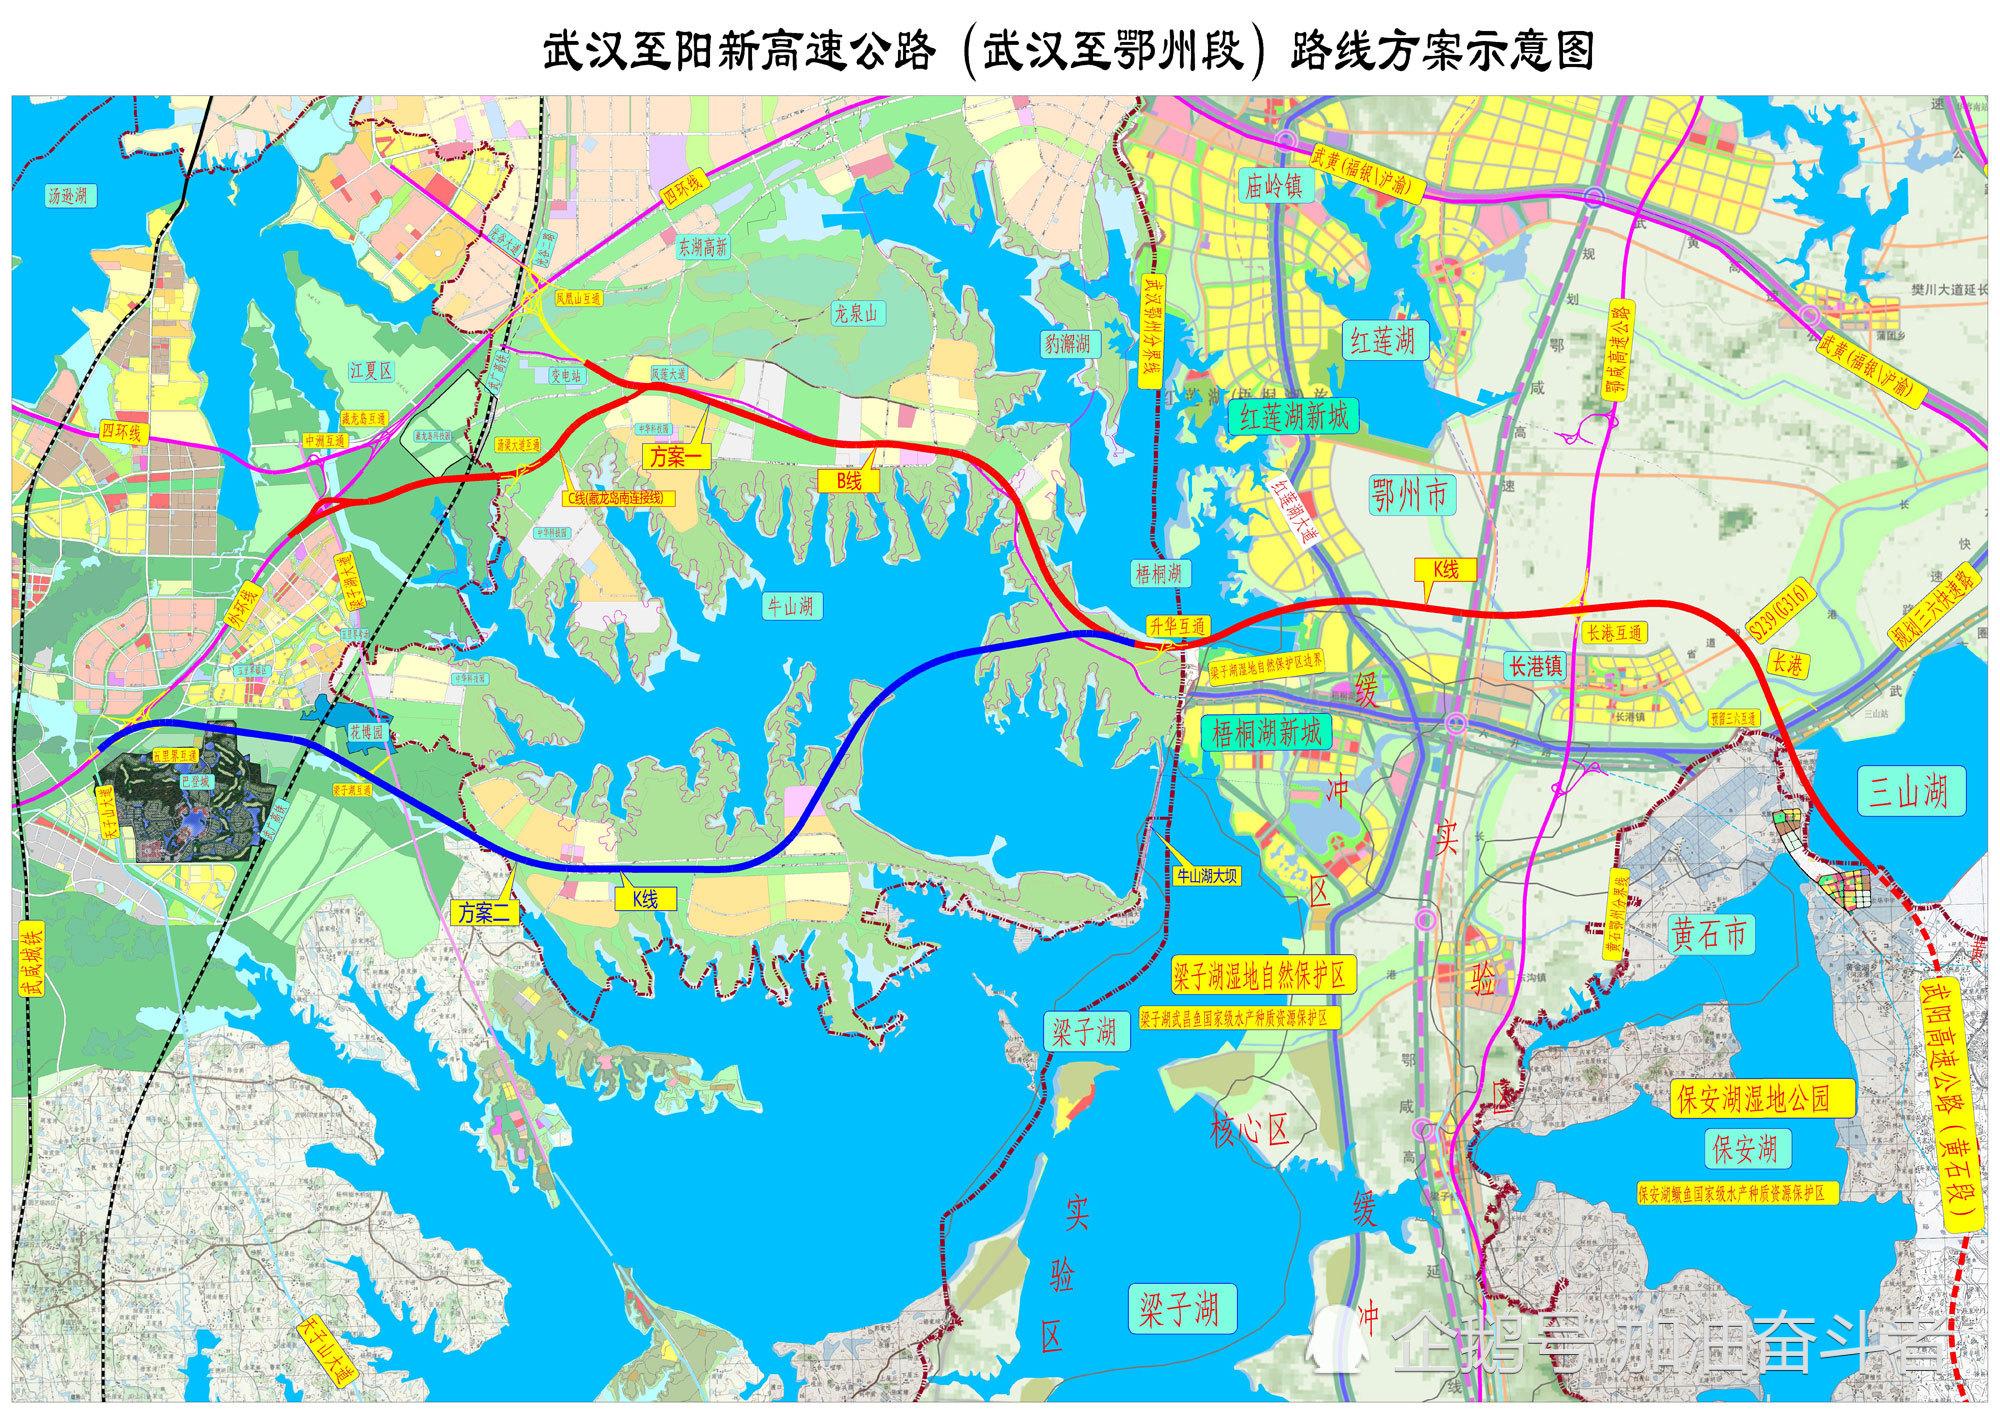 鹿邑北高速路口图片